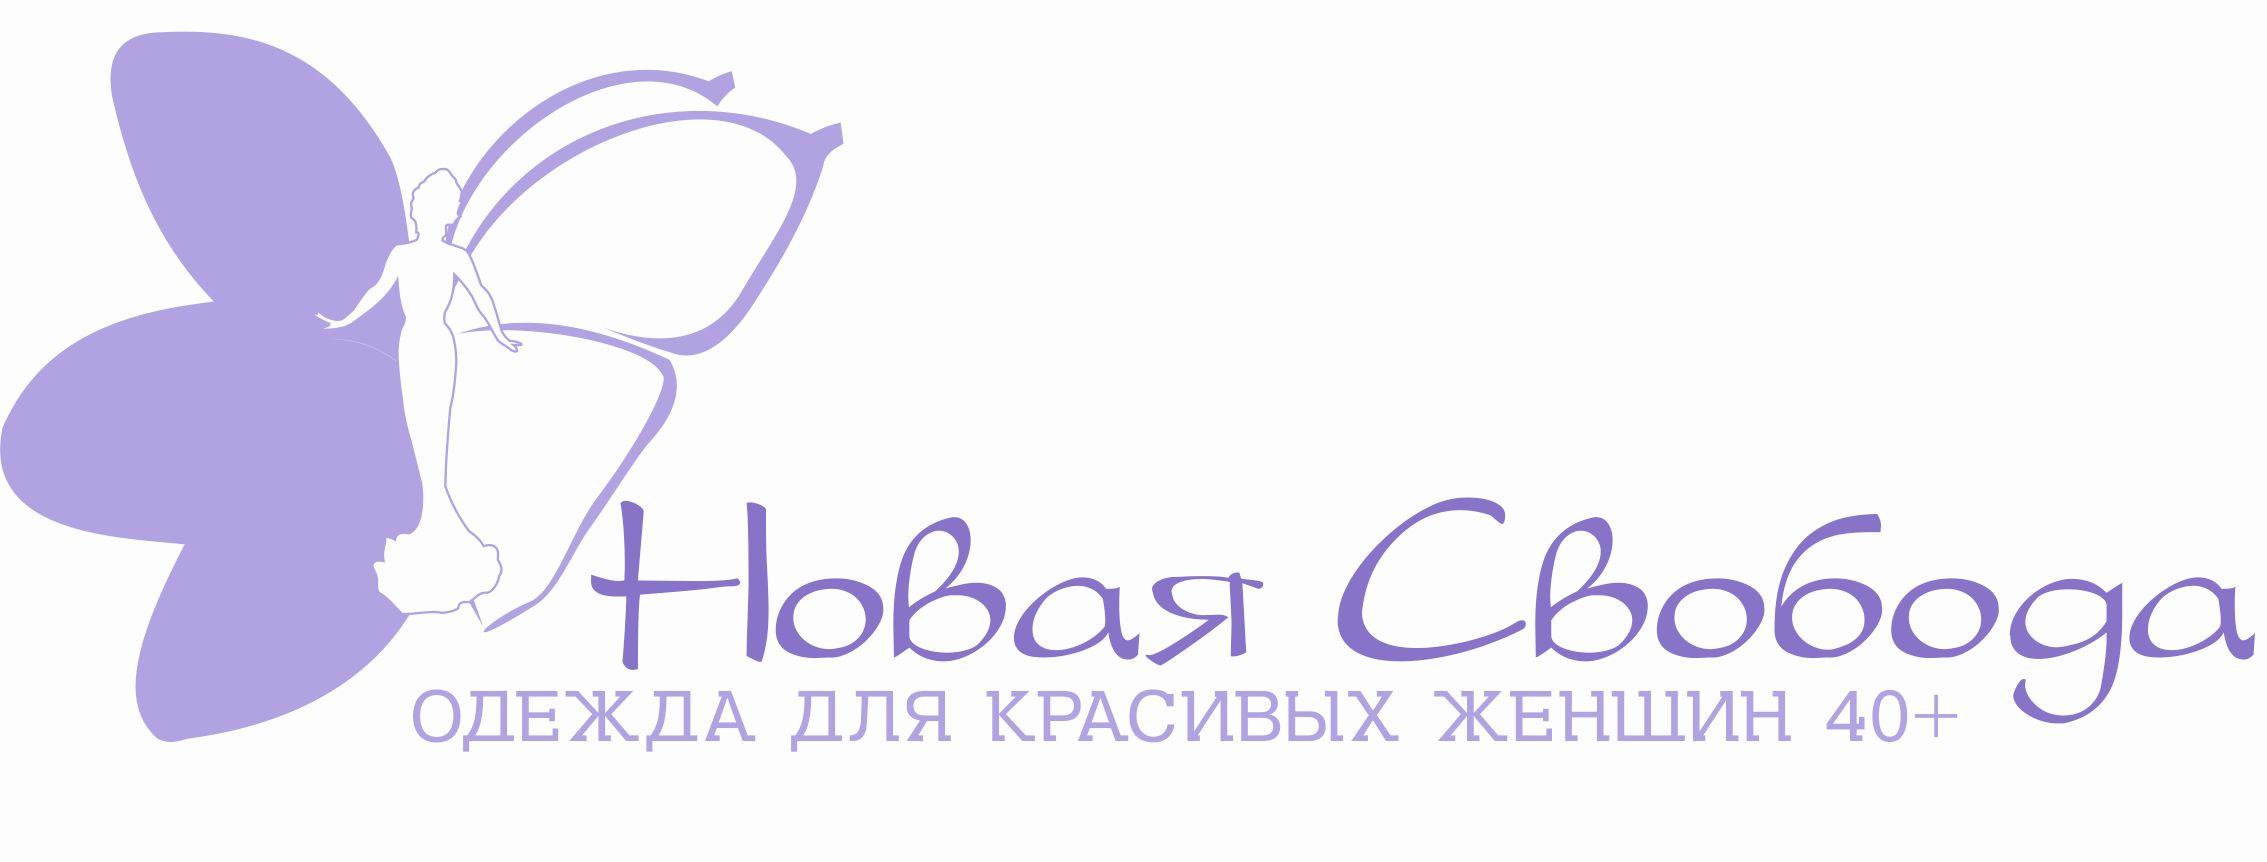 лого Новая свобода